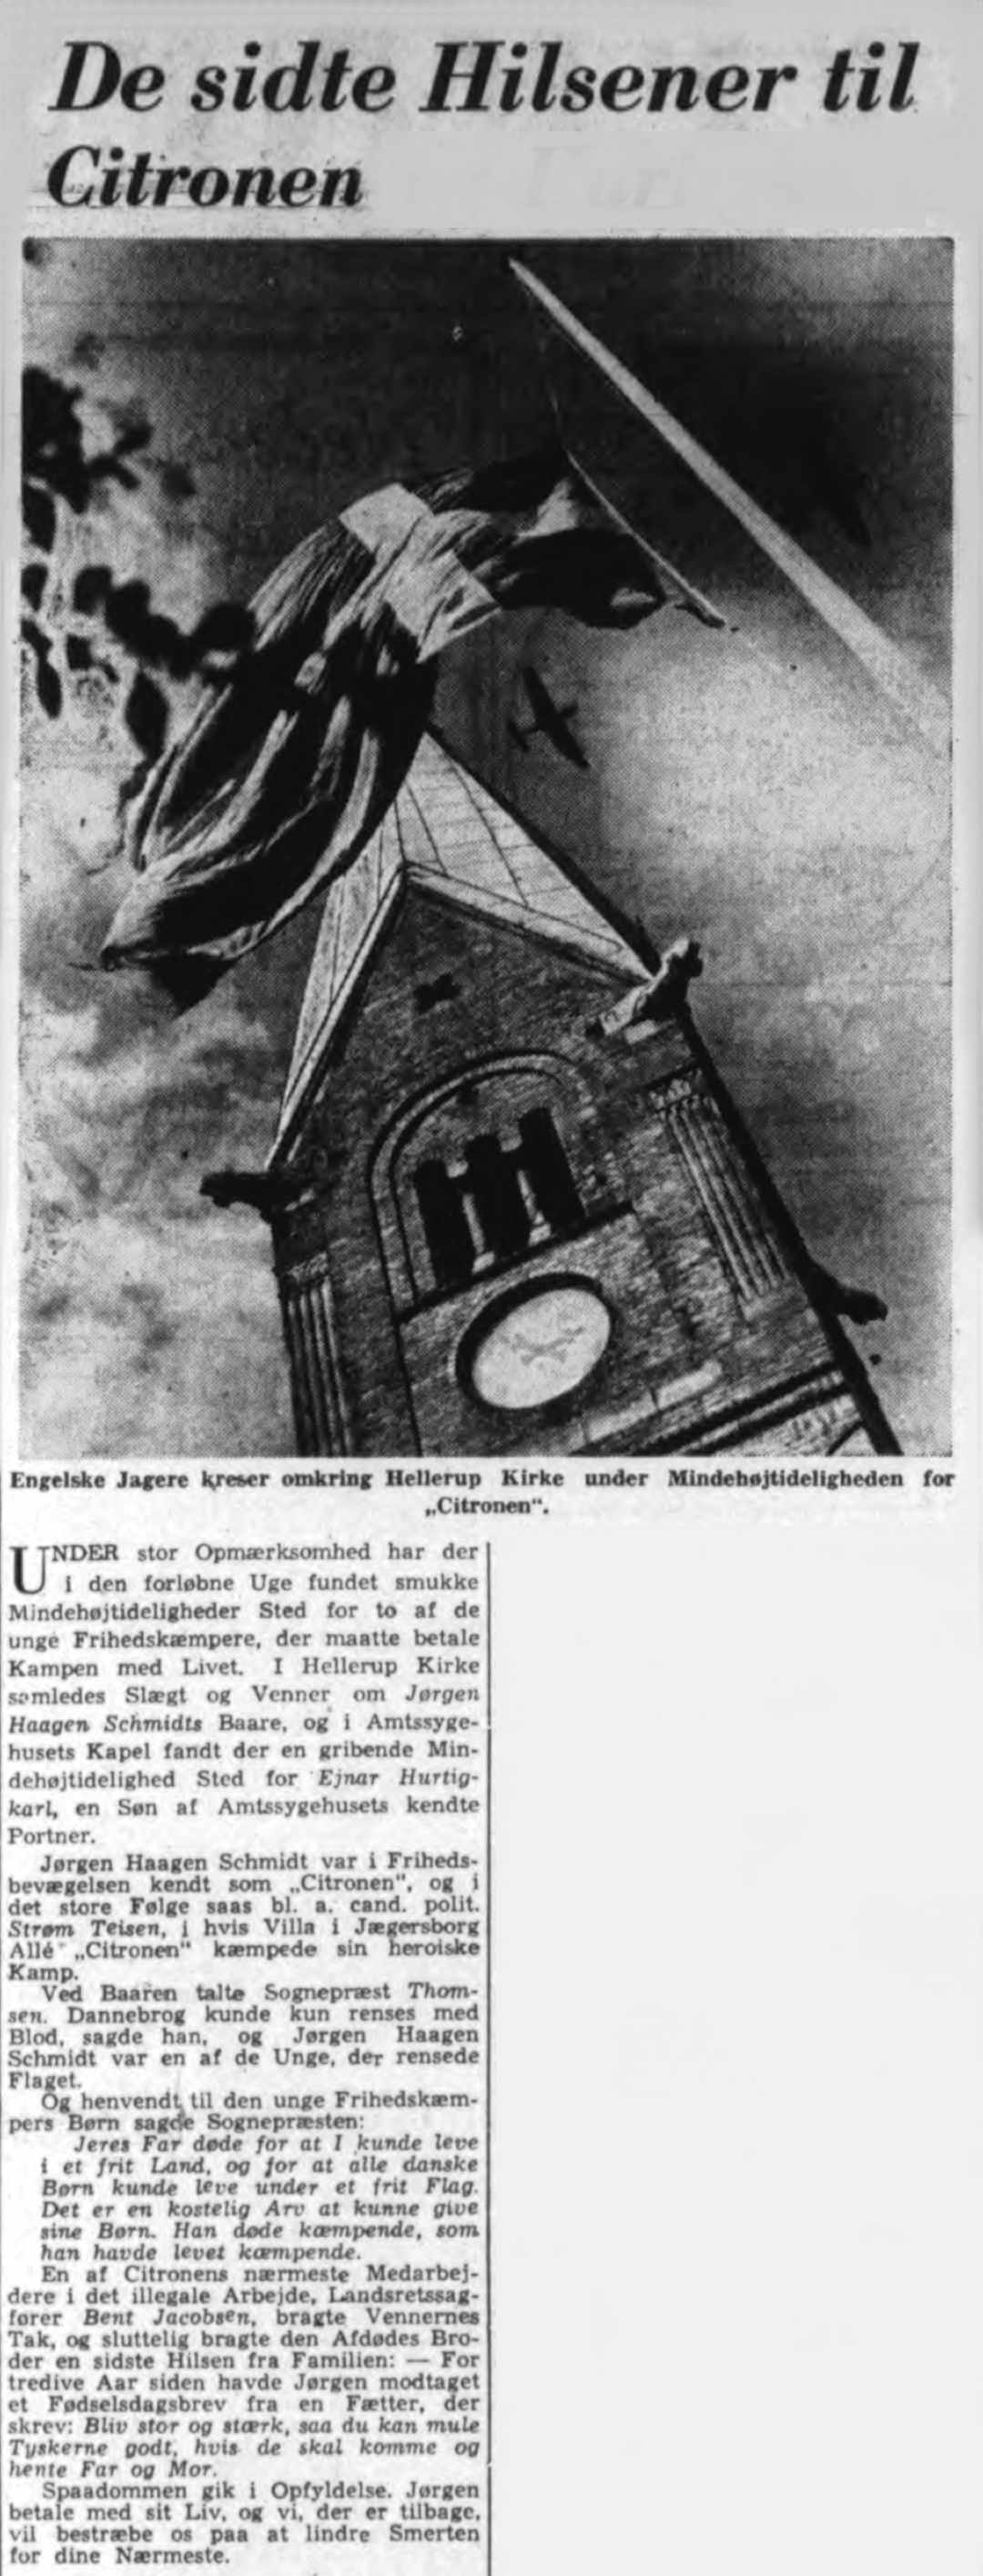 vis billeder hvor stor danmark var dengang